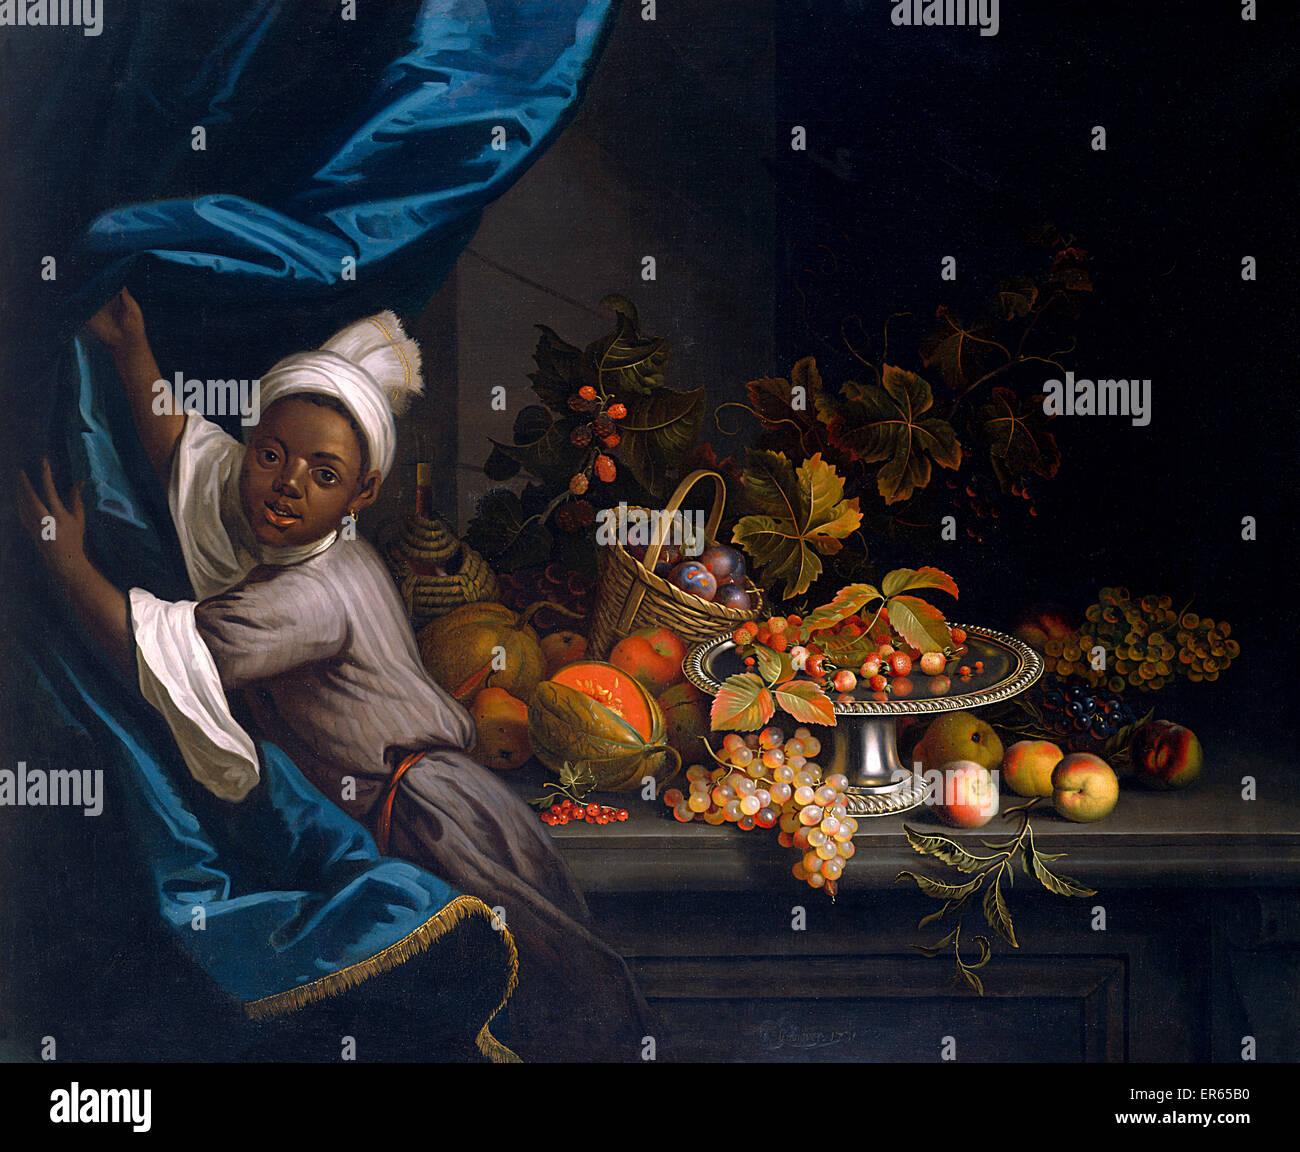 Un jeune Moor avec une nature morte de fruits, par Tobias Stranover (1684-1756). 1731 Photo Stock